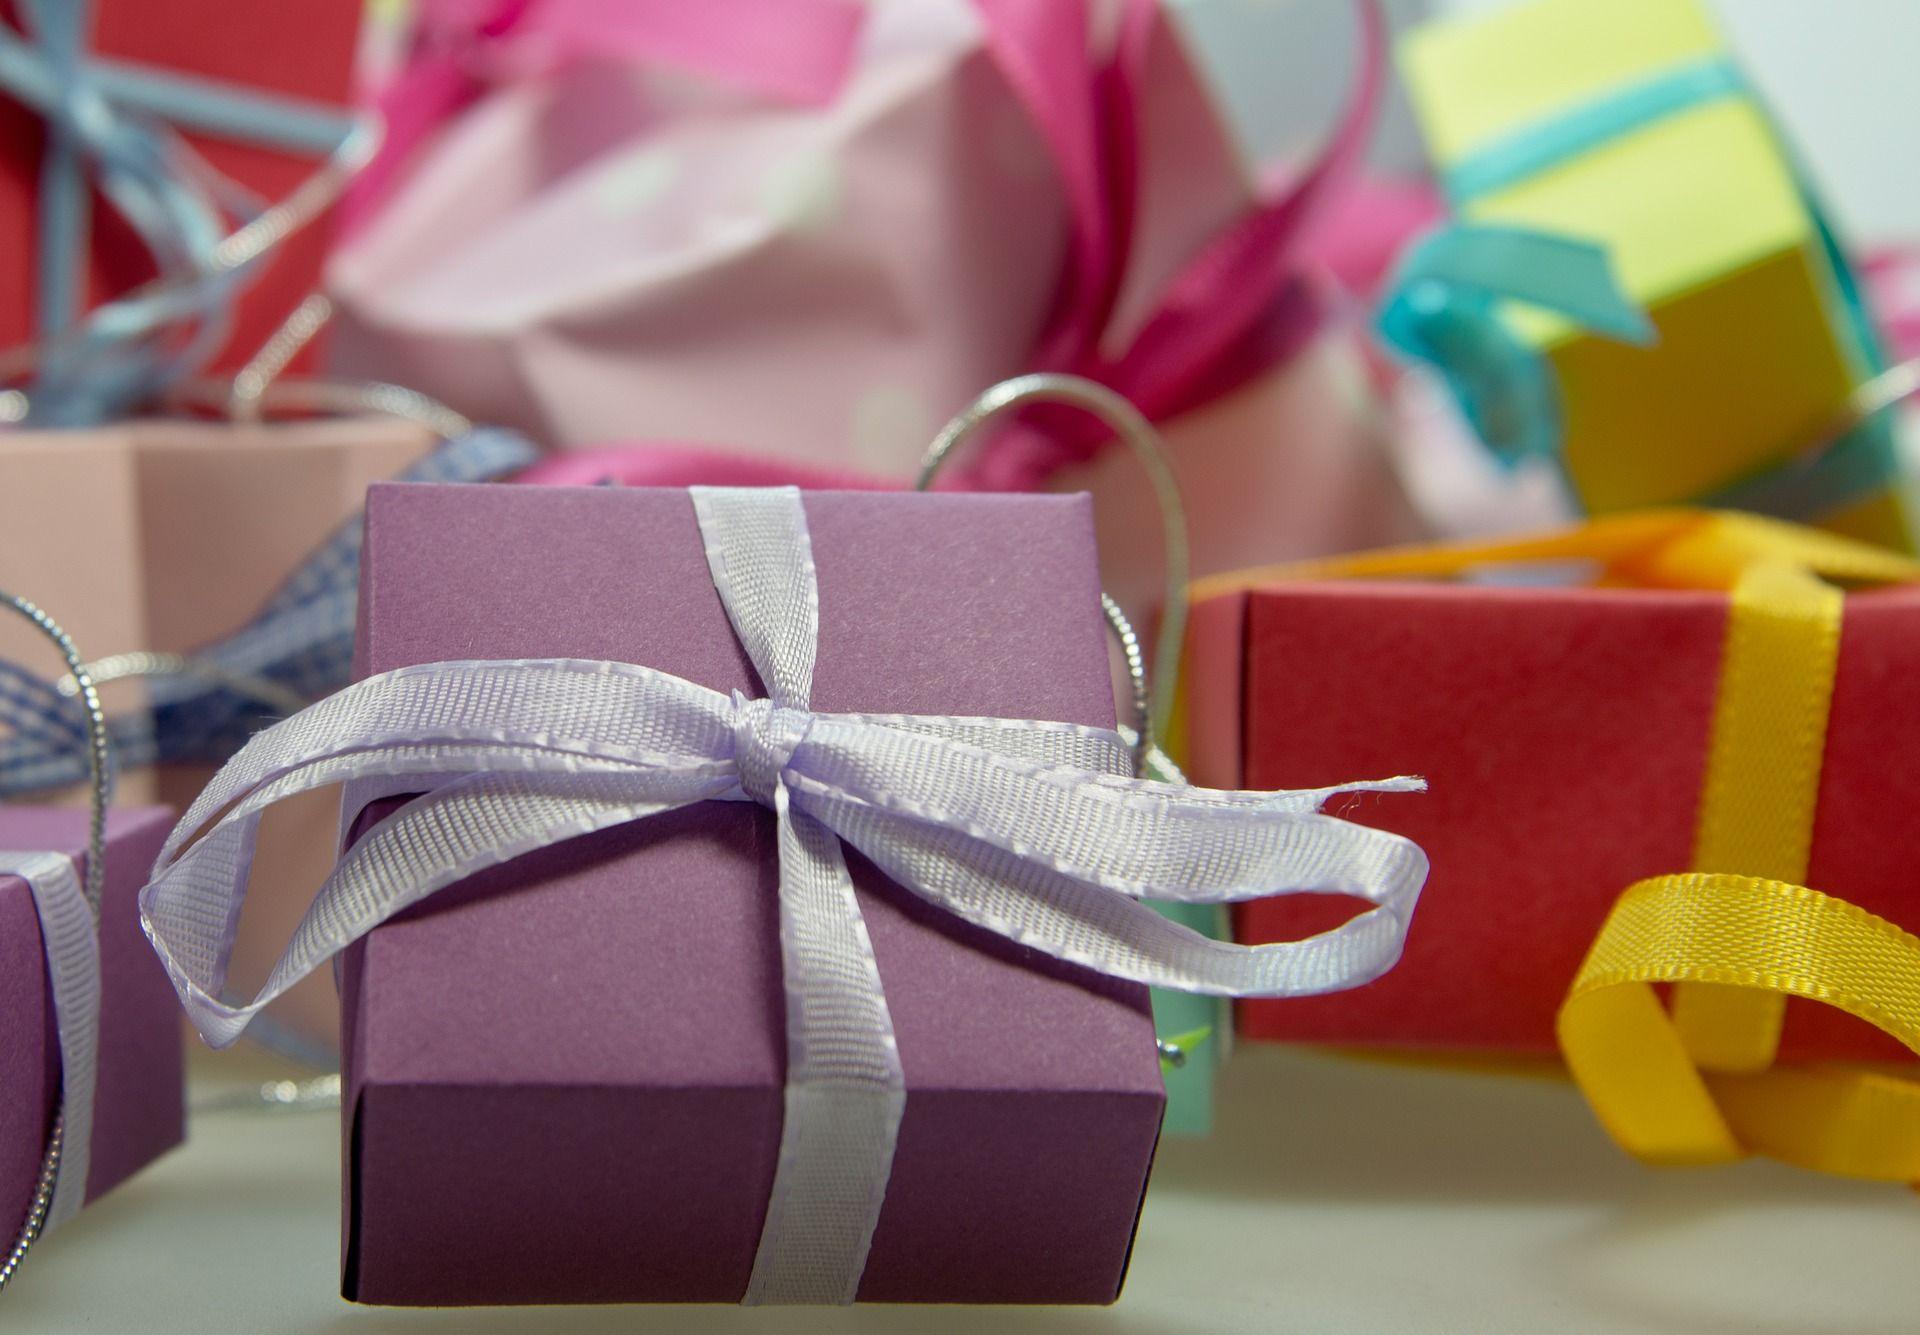 Unter den Weihnachtsgeschenken 2015 befinden sich auch immer mehr Brettspiele